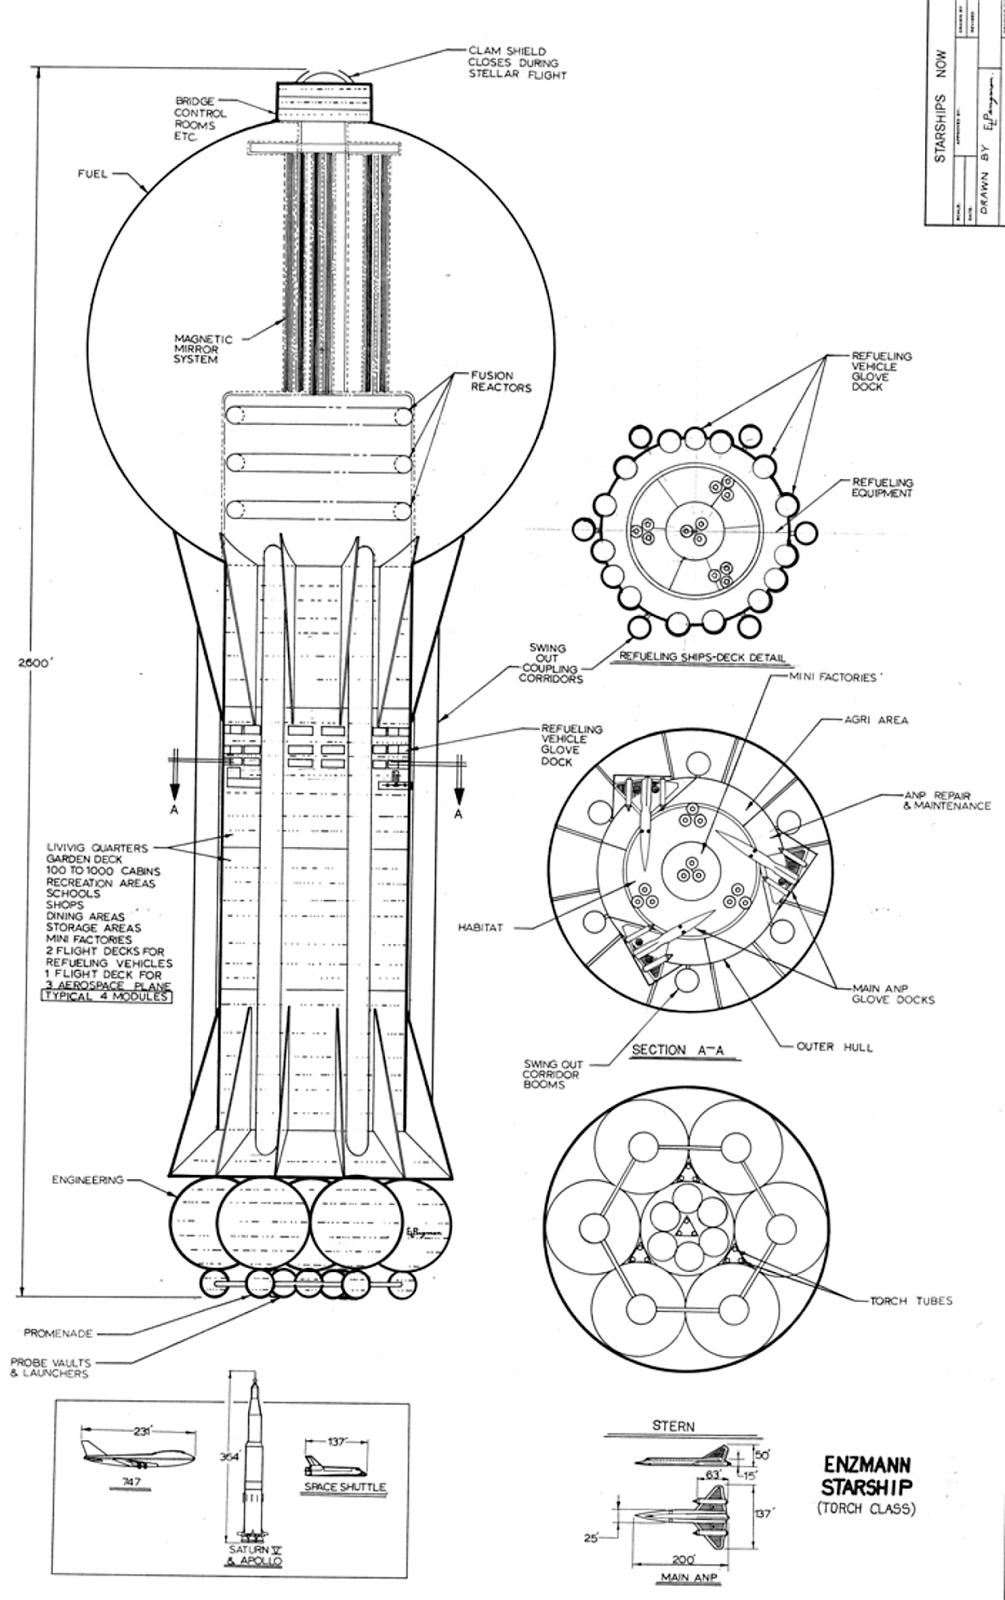 Enzmann Starship: From the Enzmann Archives: Letter to Dr